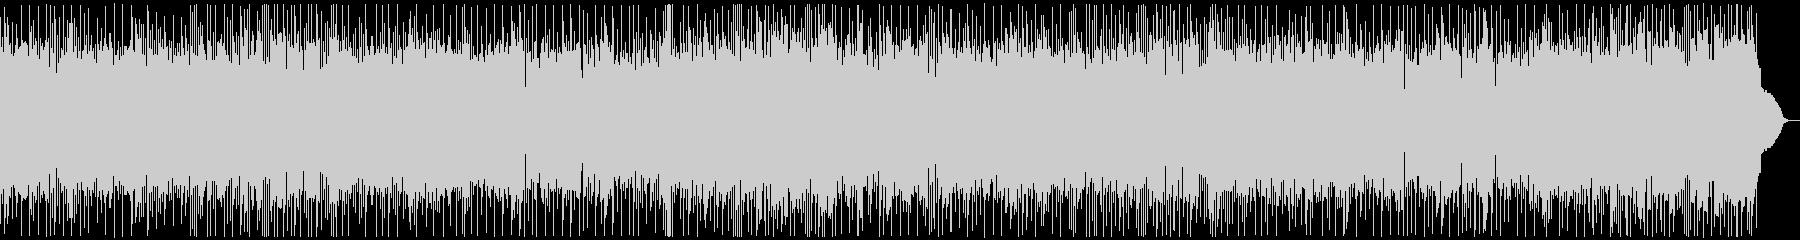 エレキギターソロのロックンロールナンバーの未再生の波形